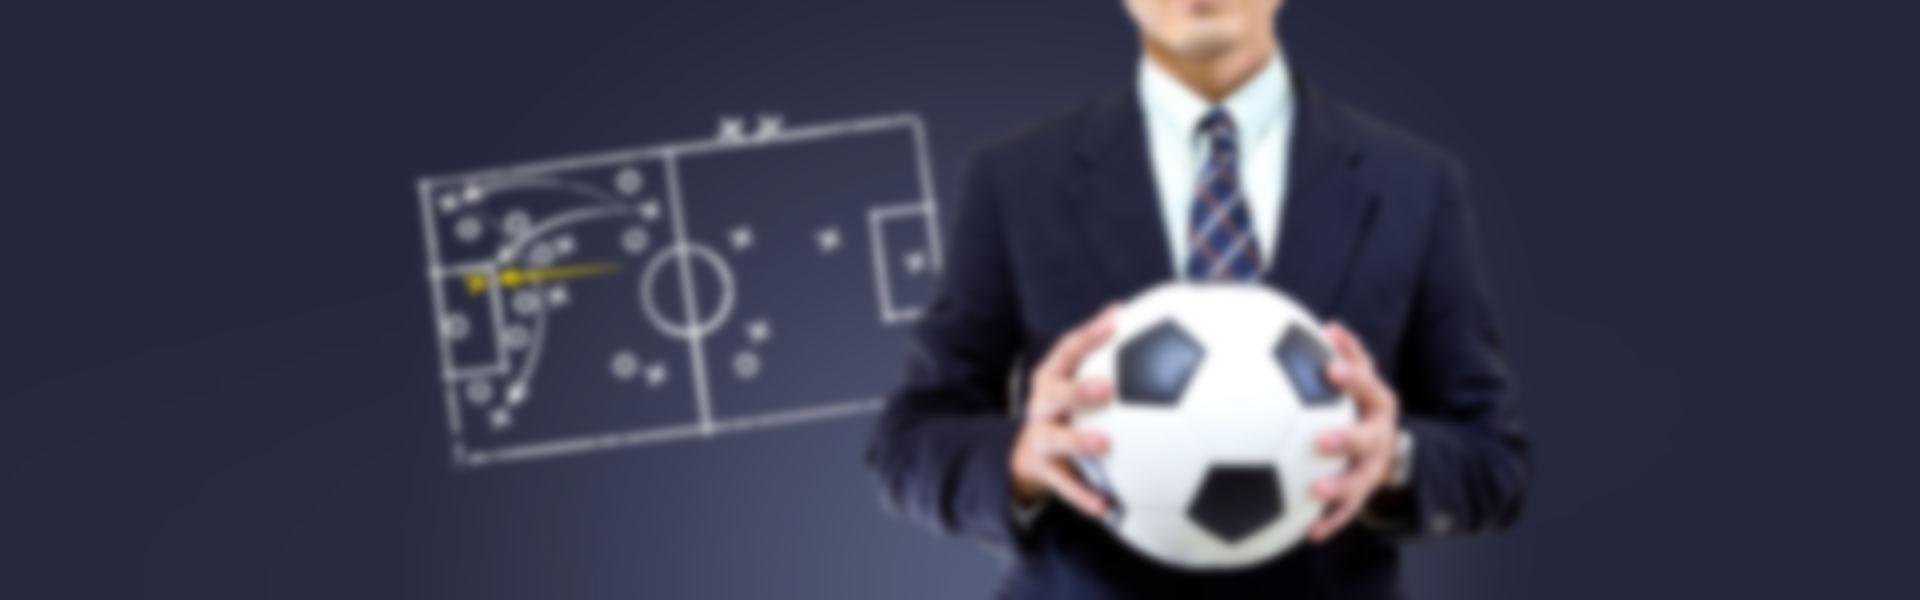 coaching-1200x600-blur